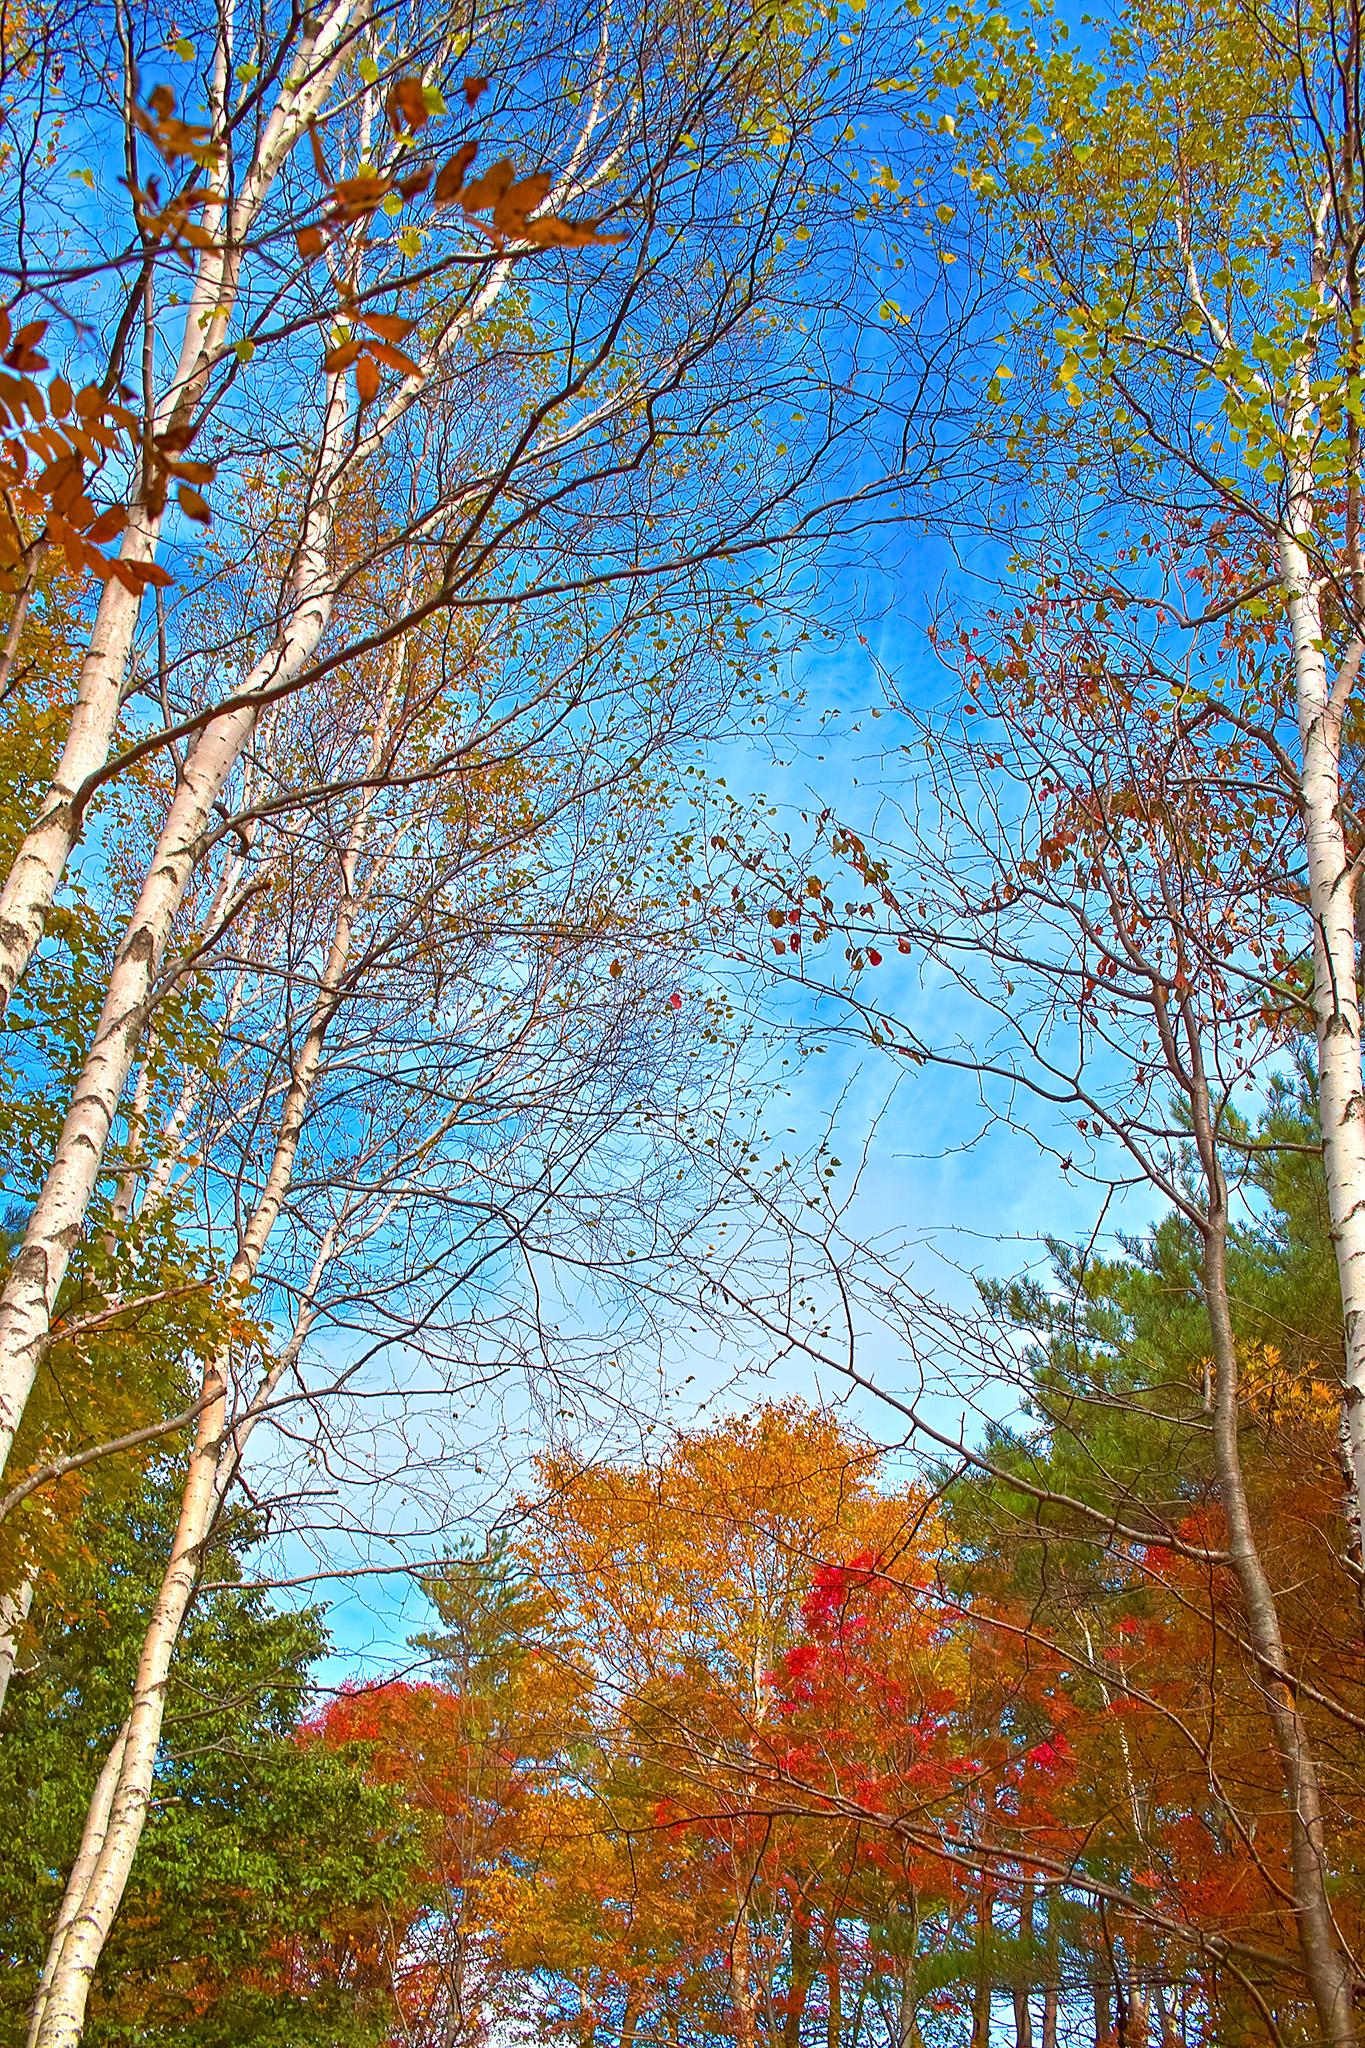 「清々しい青空と秋の森」の画像を無料ダウンロード